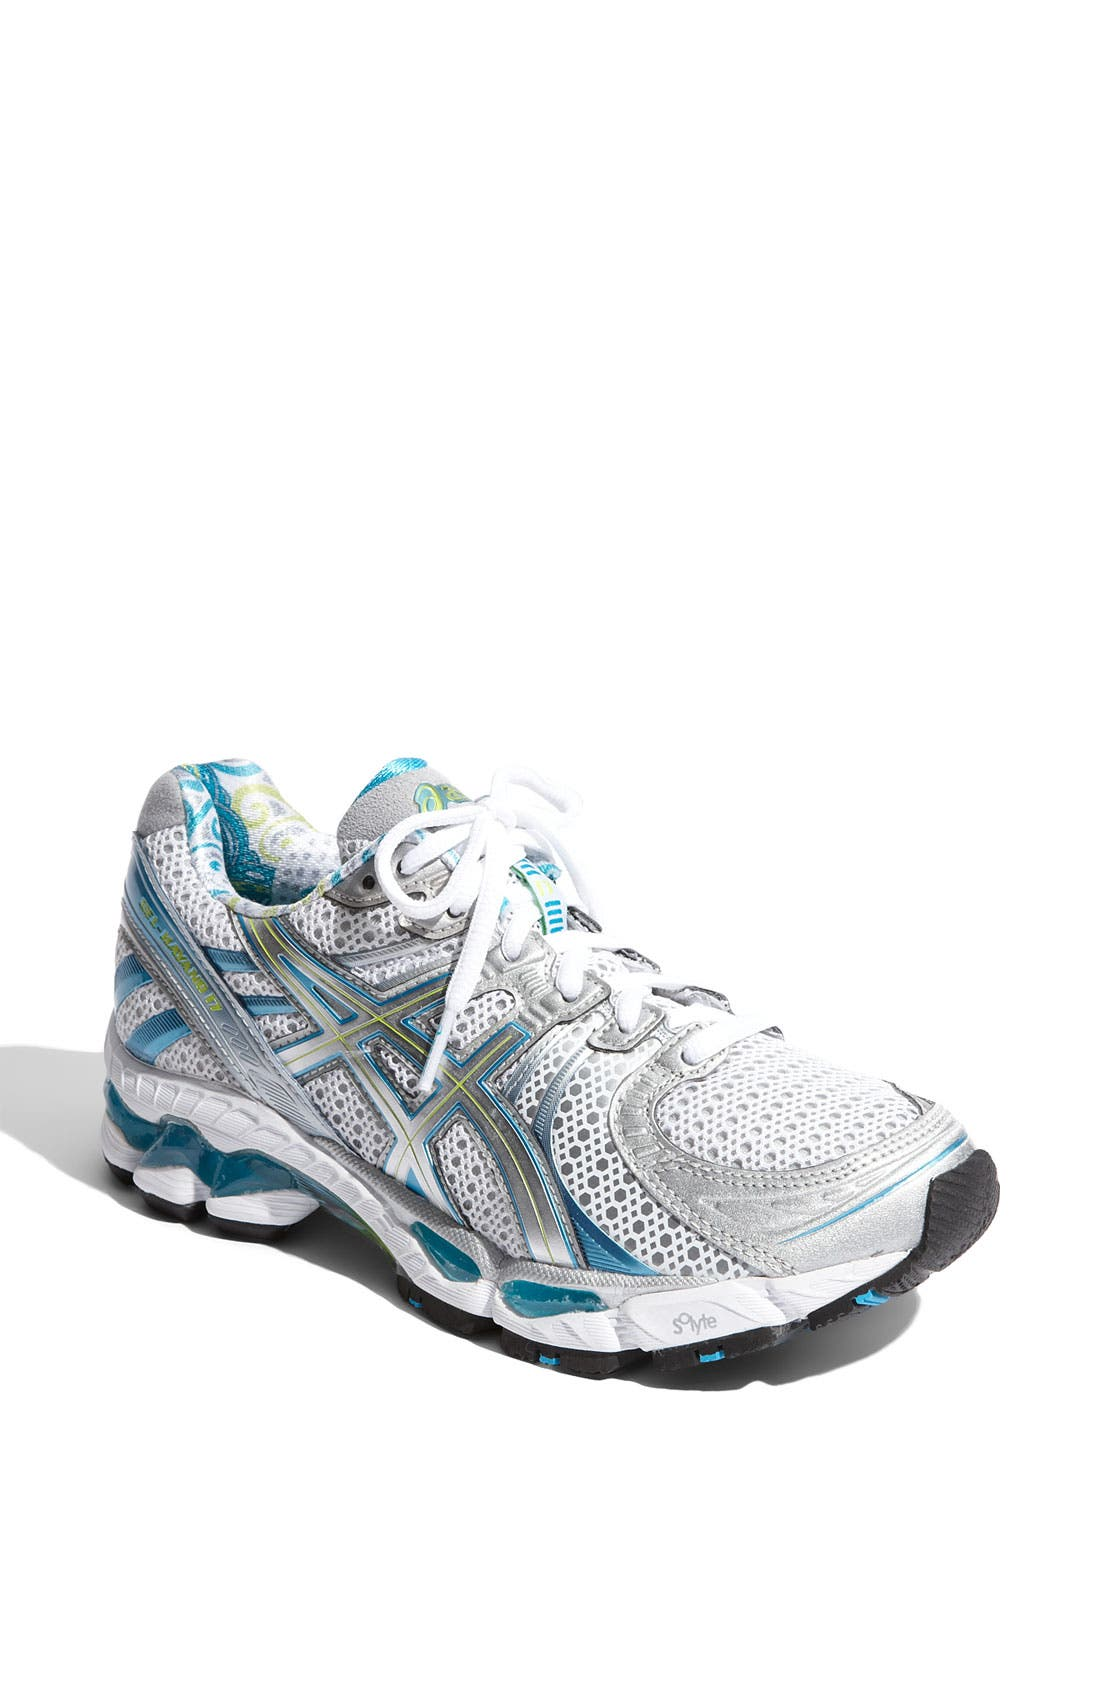 Main Image - ASICS® 'GEL Kayano® 17' Running Shoe (Women)